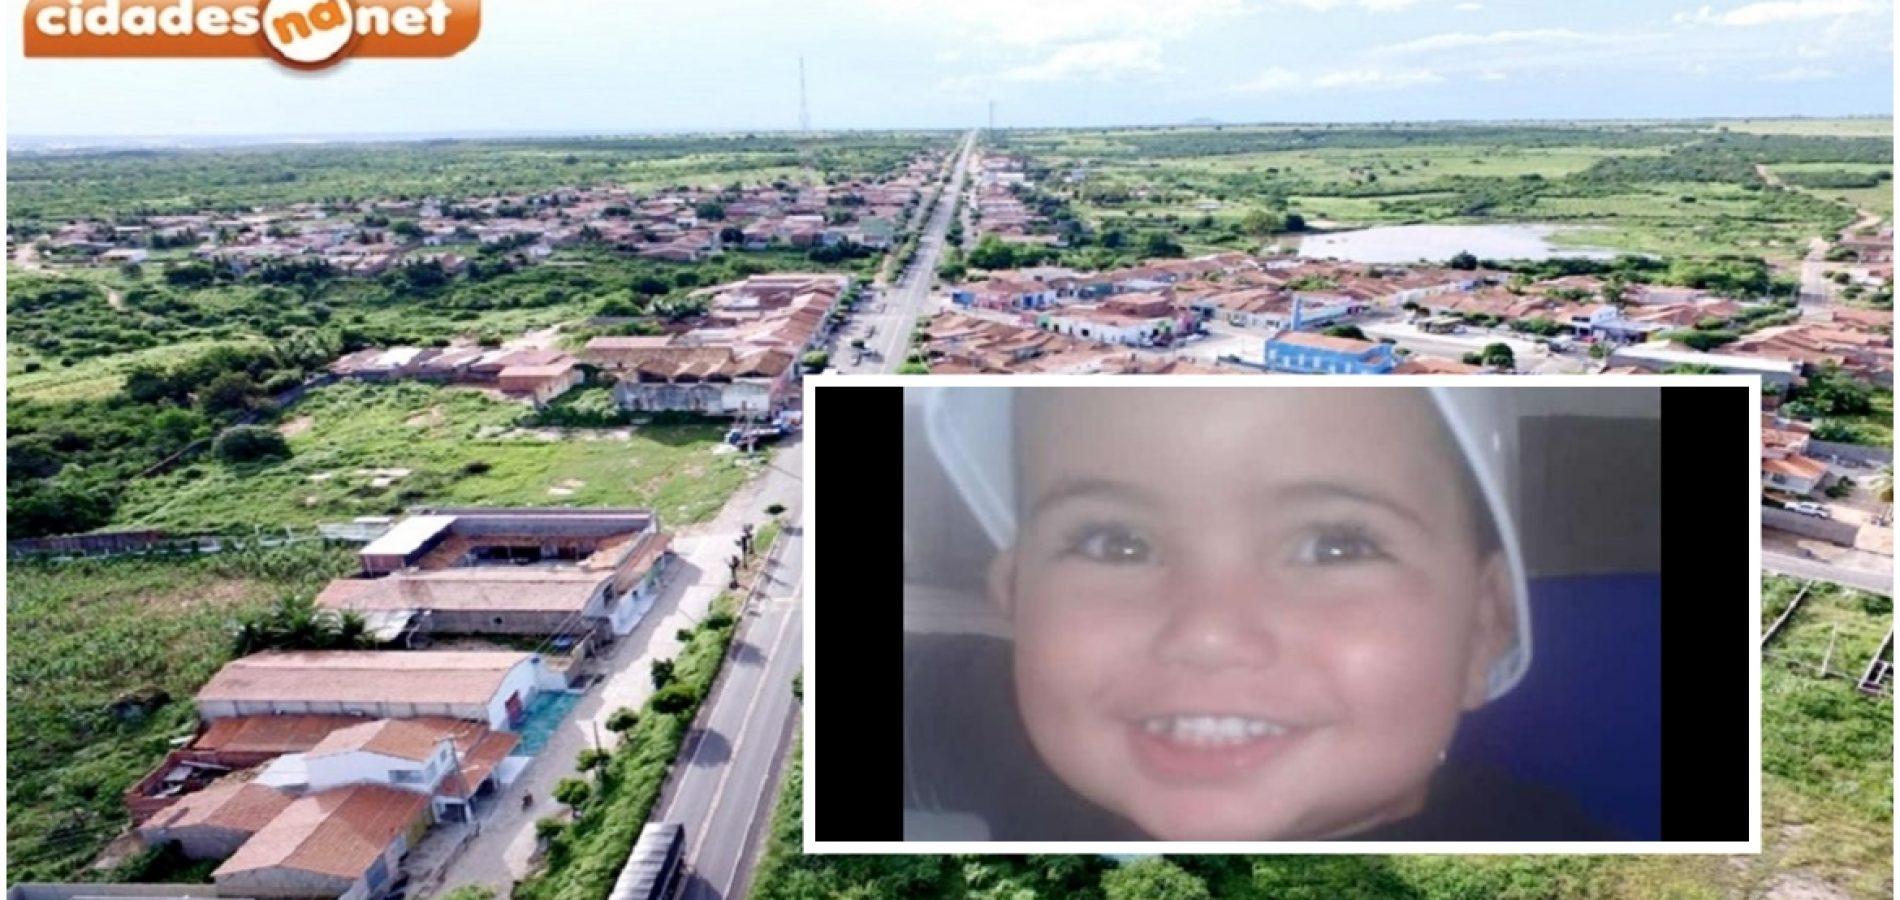 TRAGÉDIA | Menino de 1 ano e 9 meses morre após sofrer descarga elétrica em Alegrete do Piauí